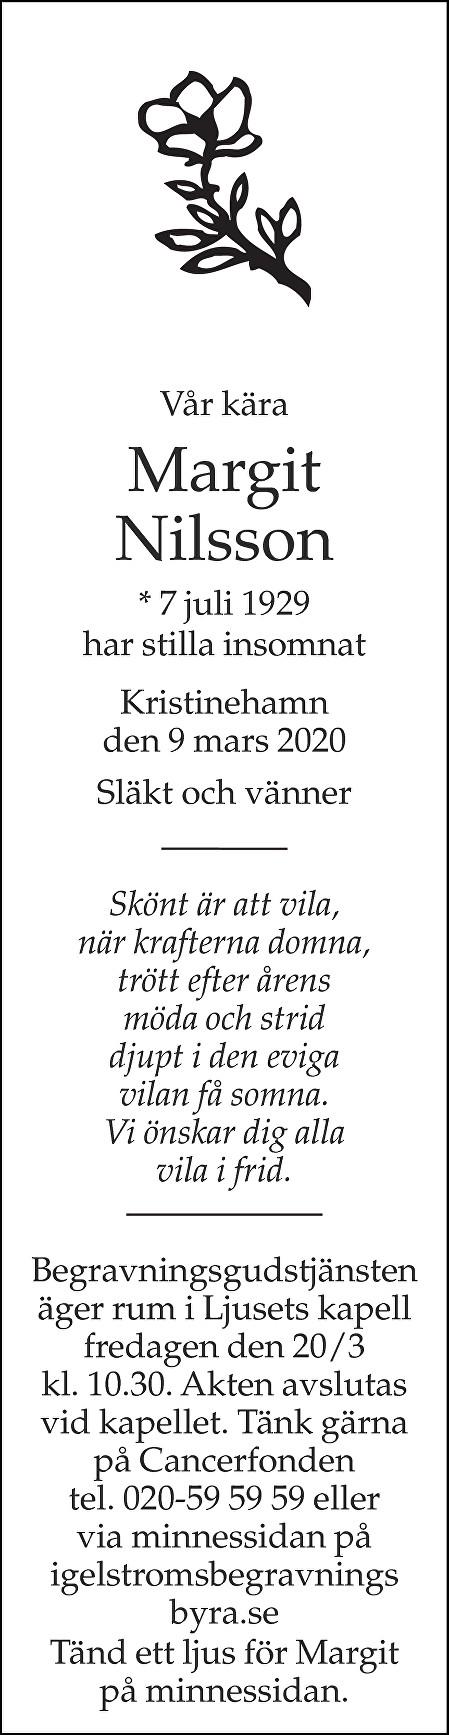 Margit Nilsson Death notice